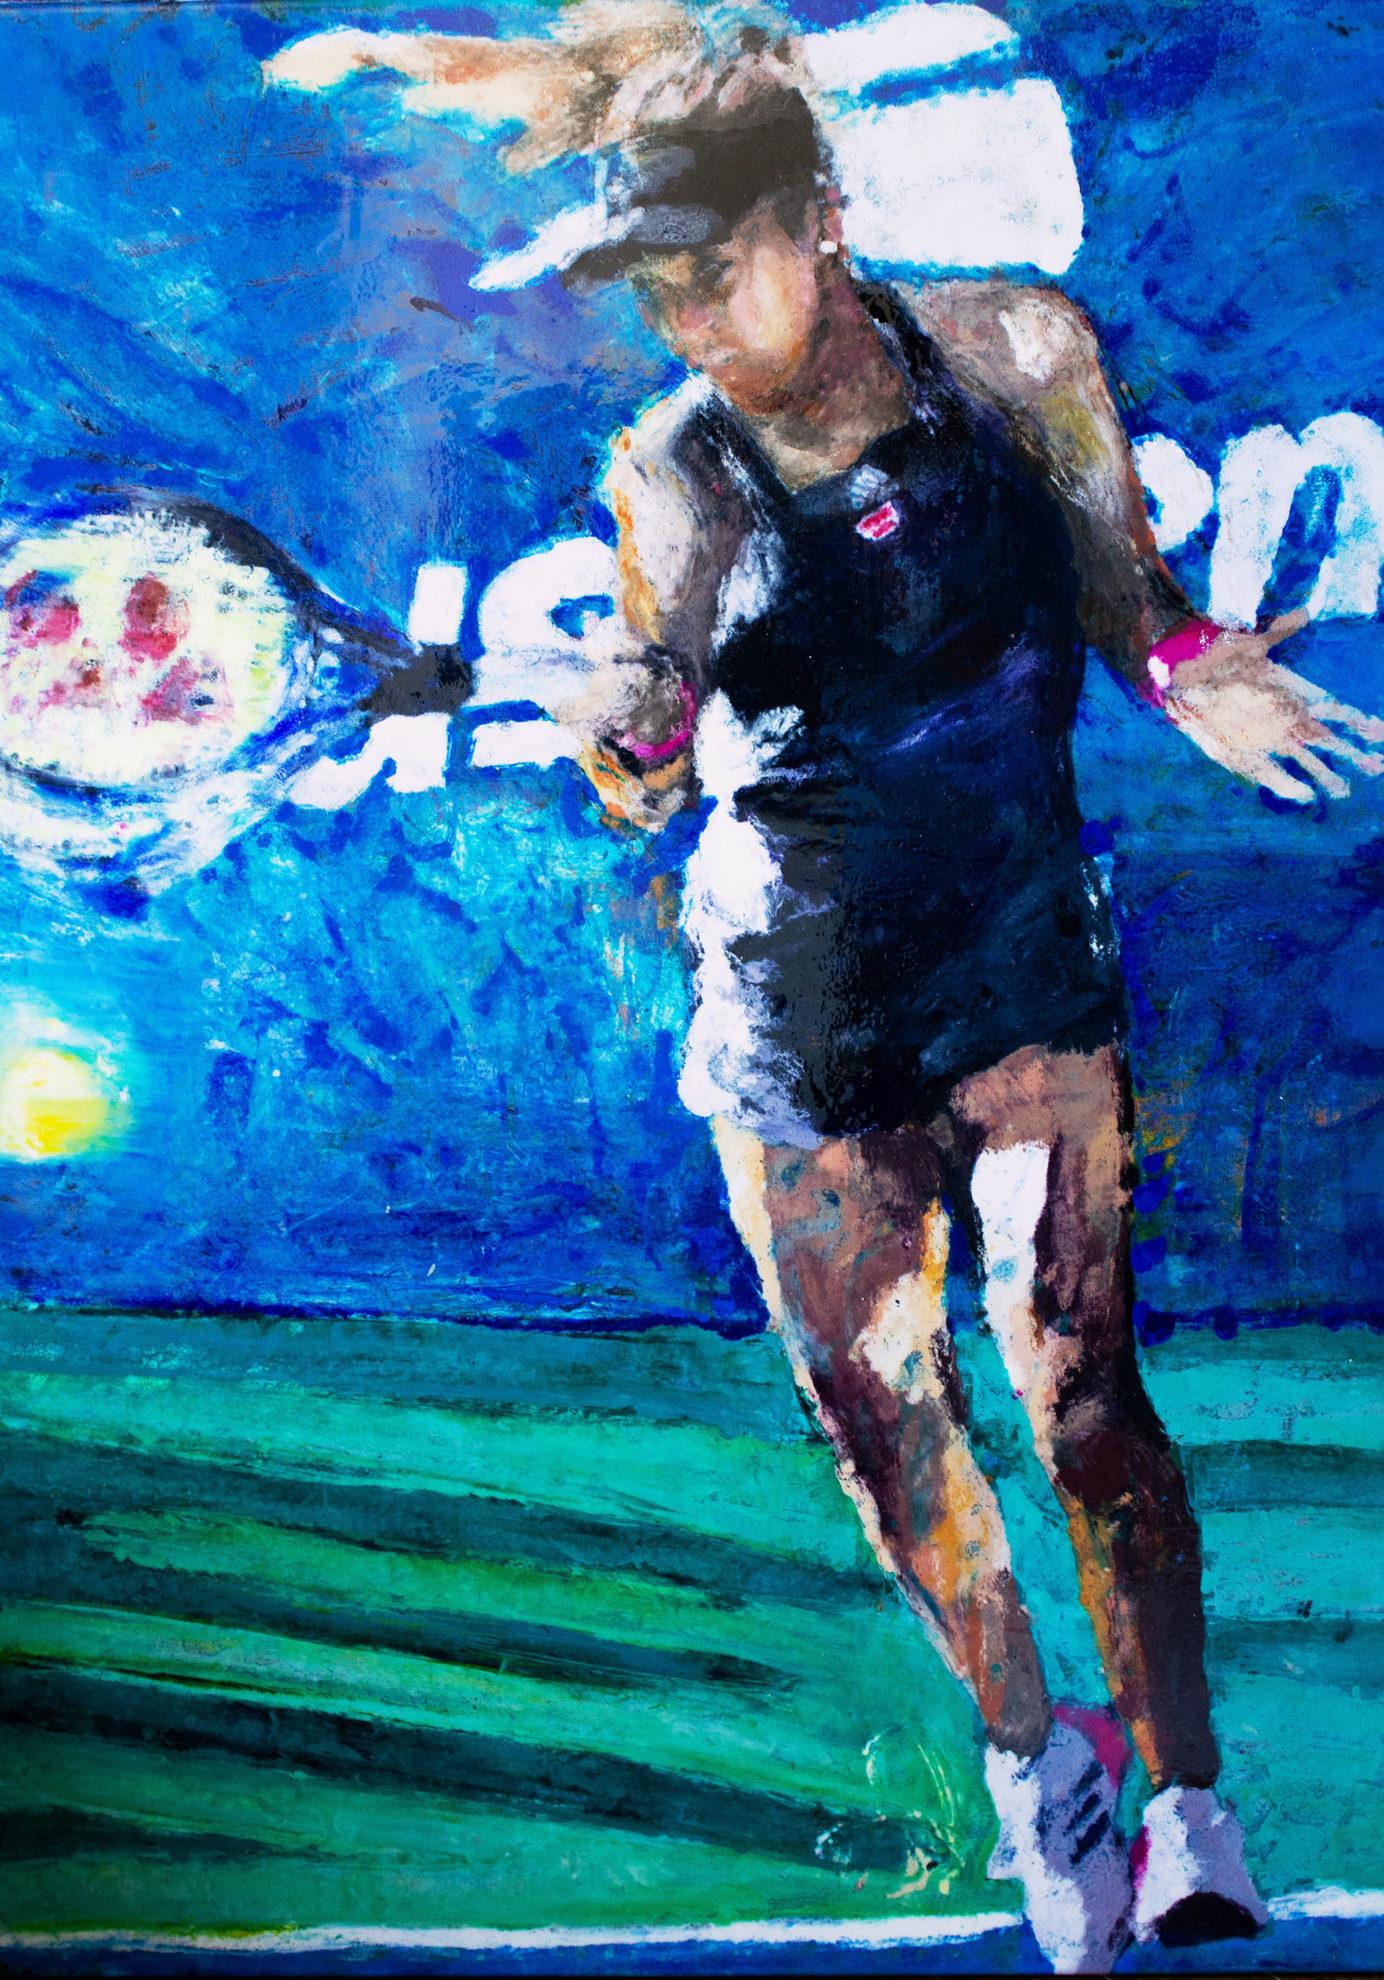 Naomi Osaka, 2018 US Open Champion